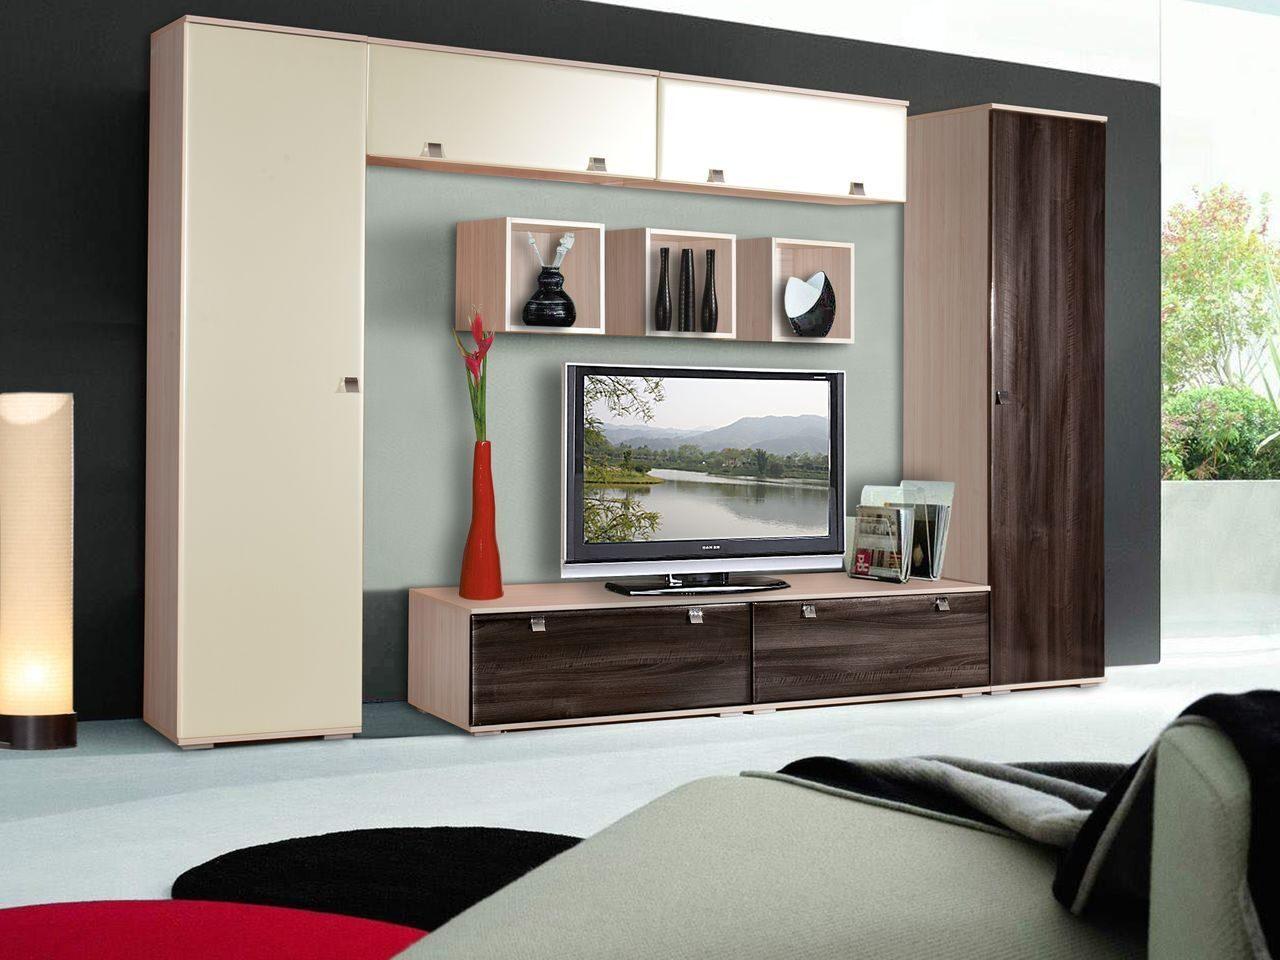 Амадей-6 стенка - мебель верона.